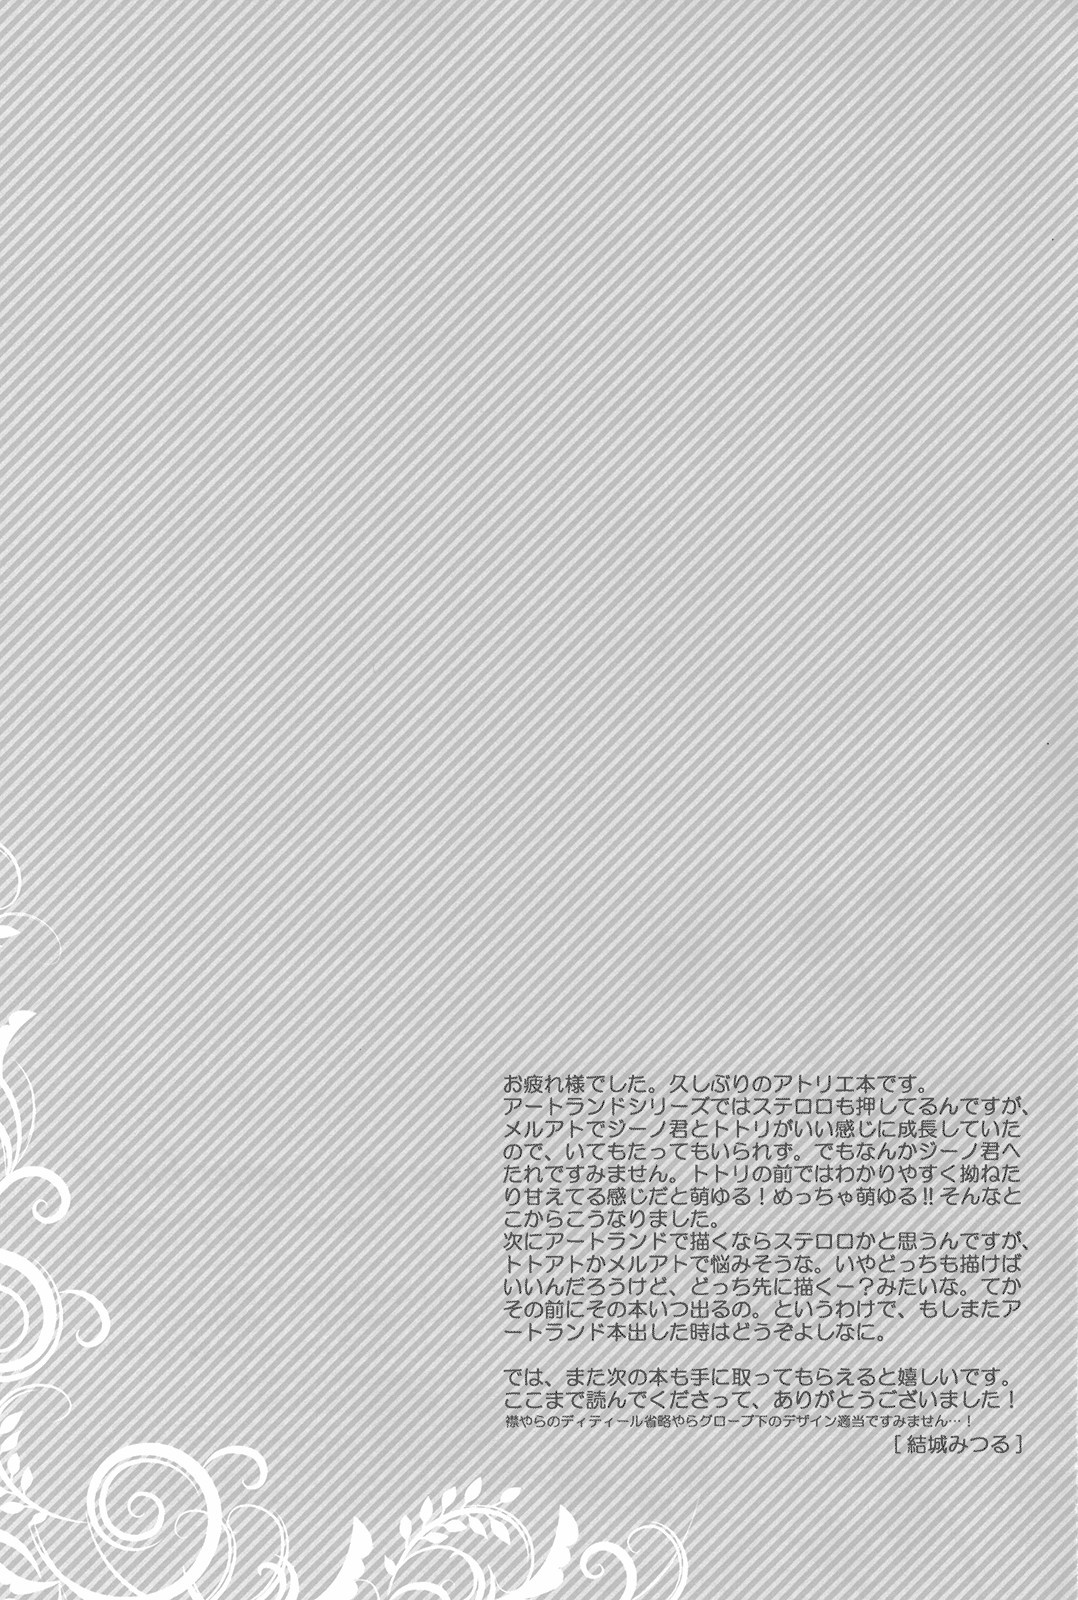 อ่านการ์ตูนออนไลน์Can you master baby (Atelier Meruru)